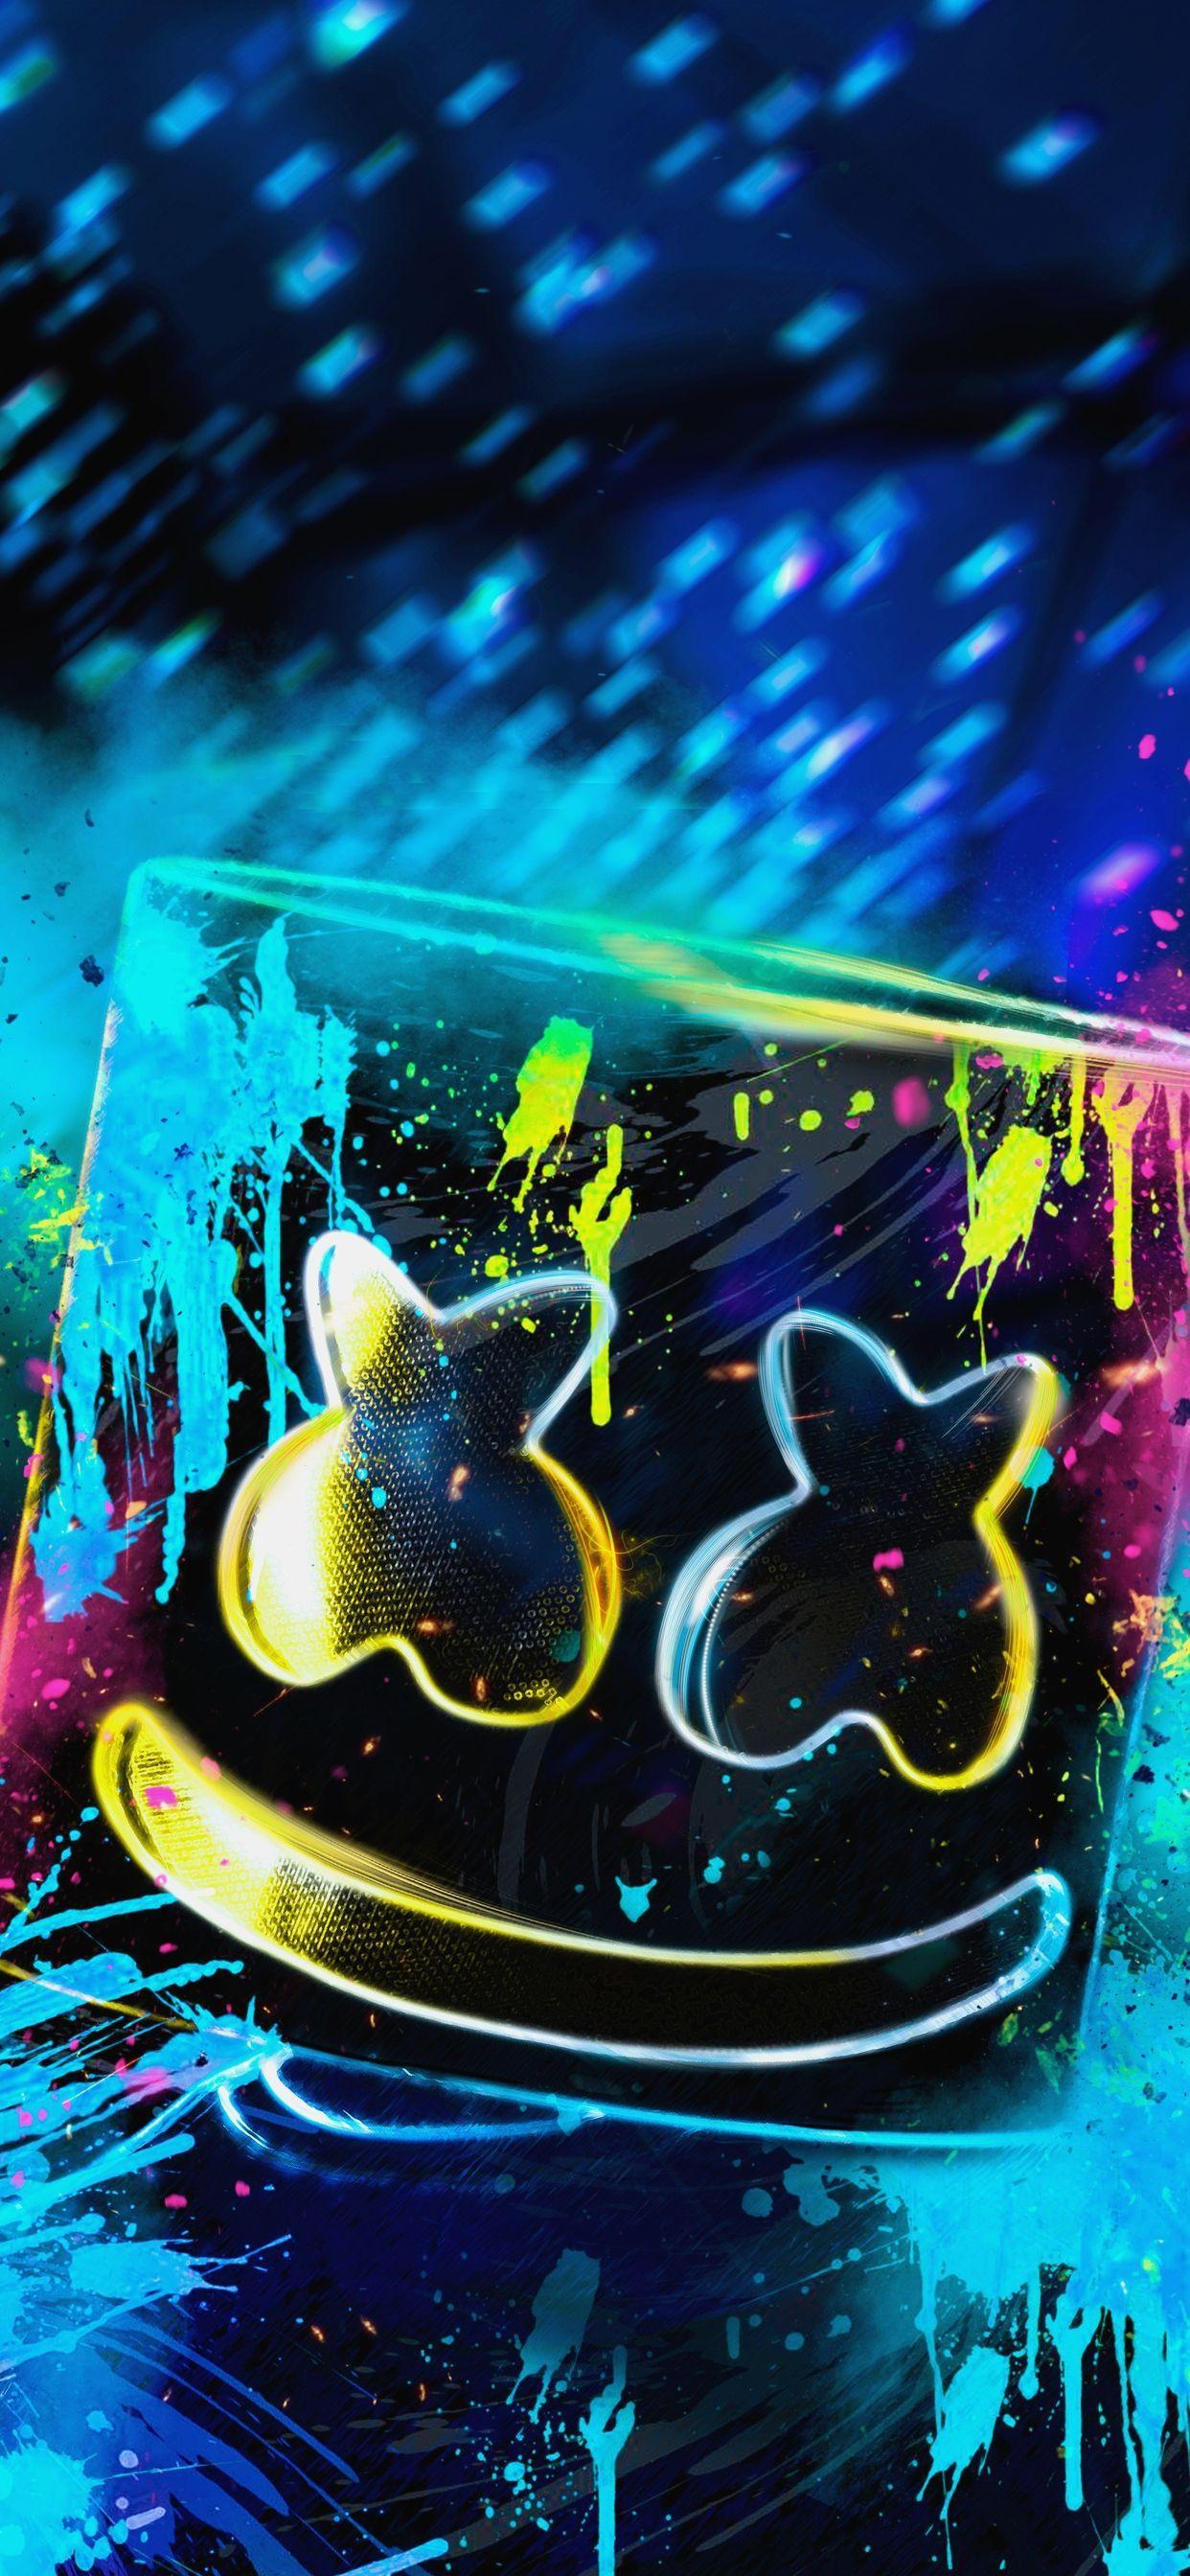 Marshmallow Dj Wallpapers Top Free Marshmallow Dj